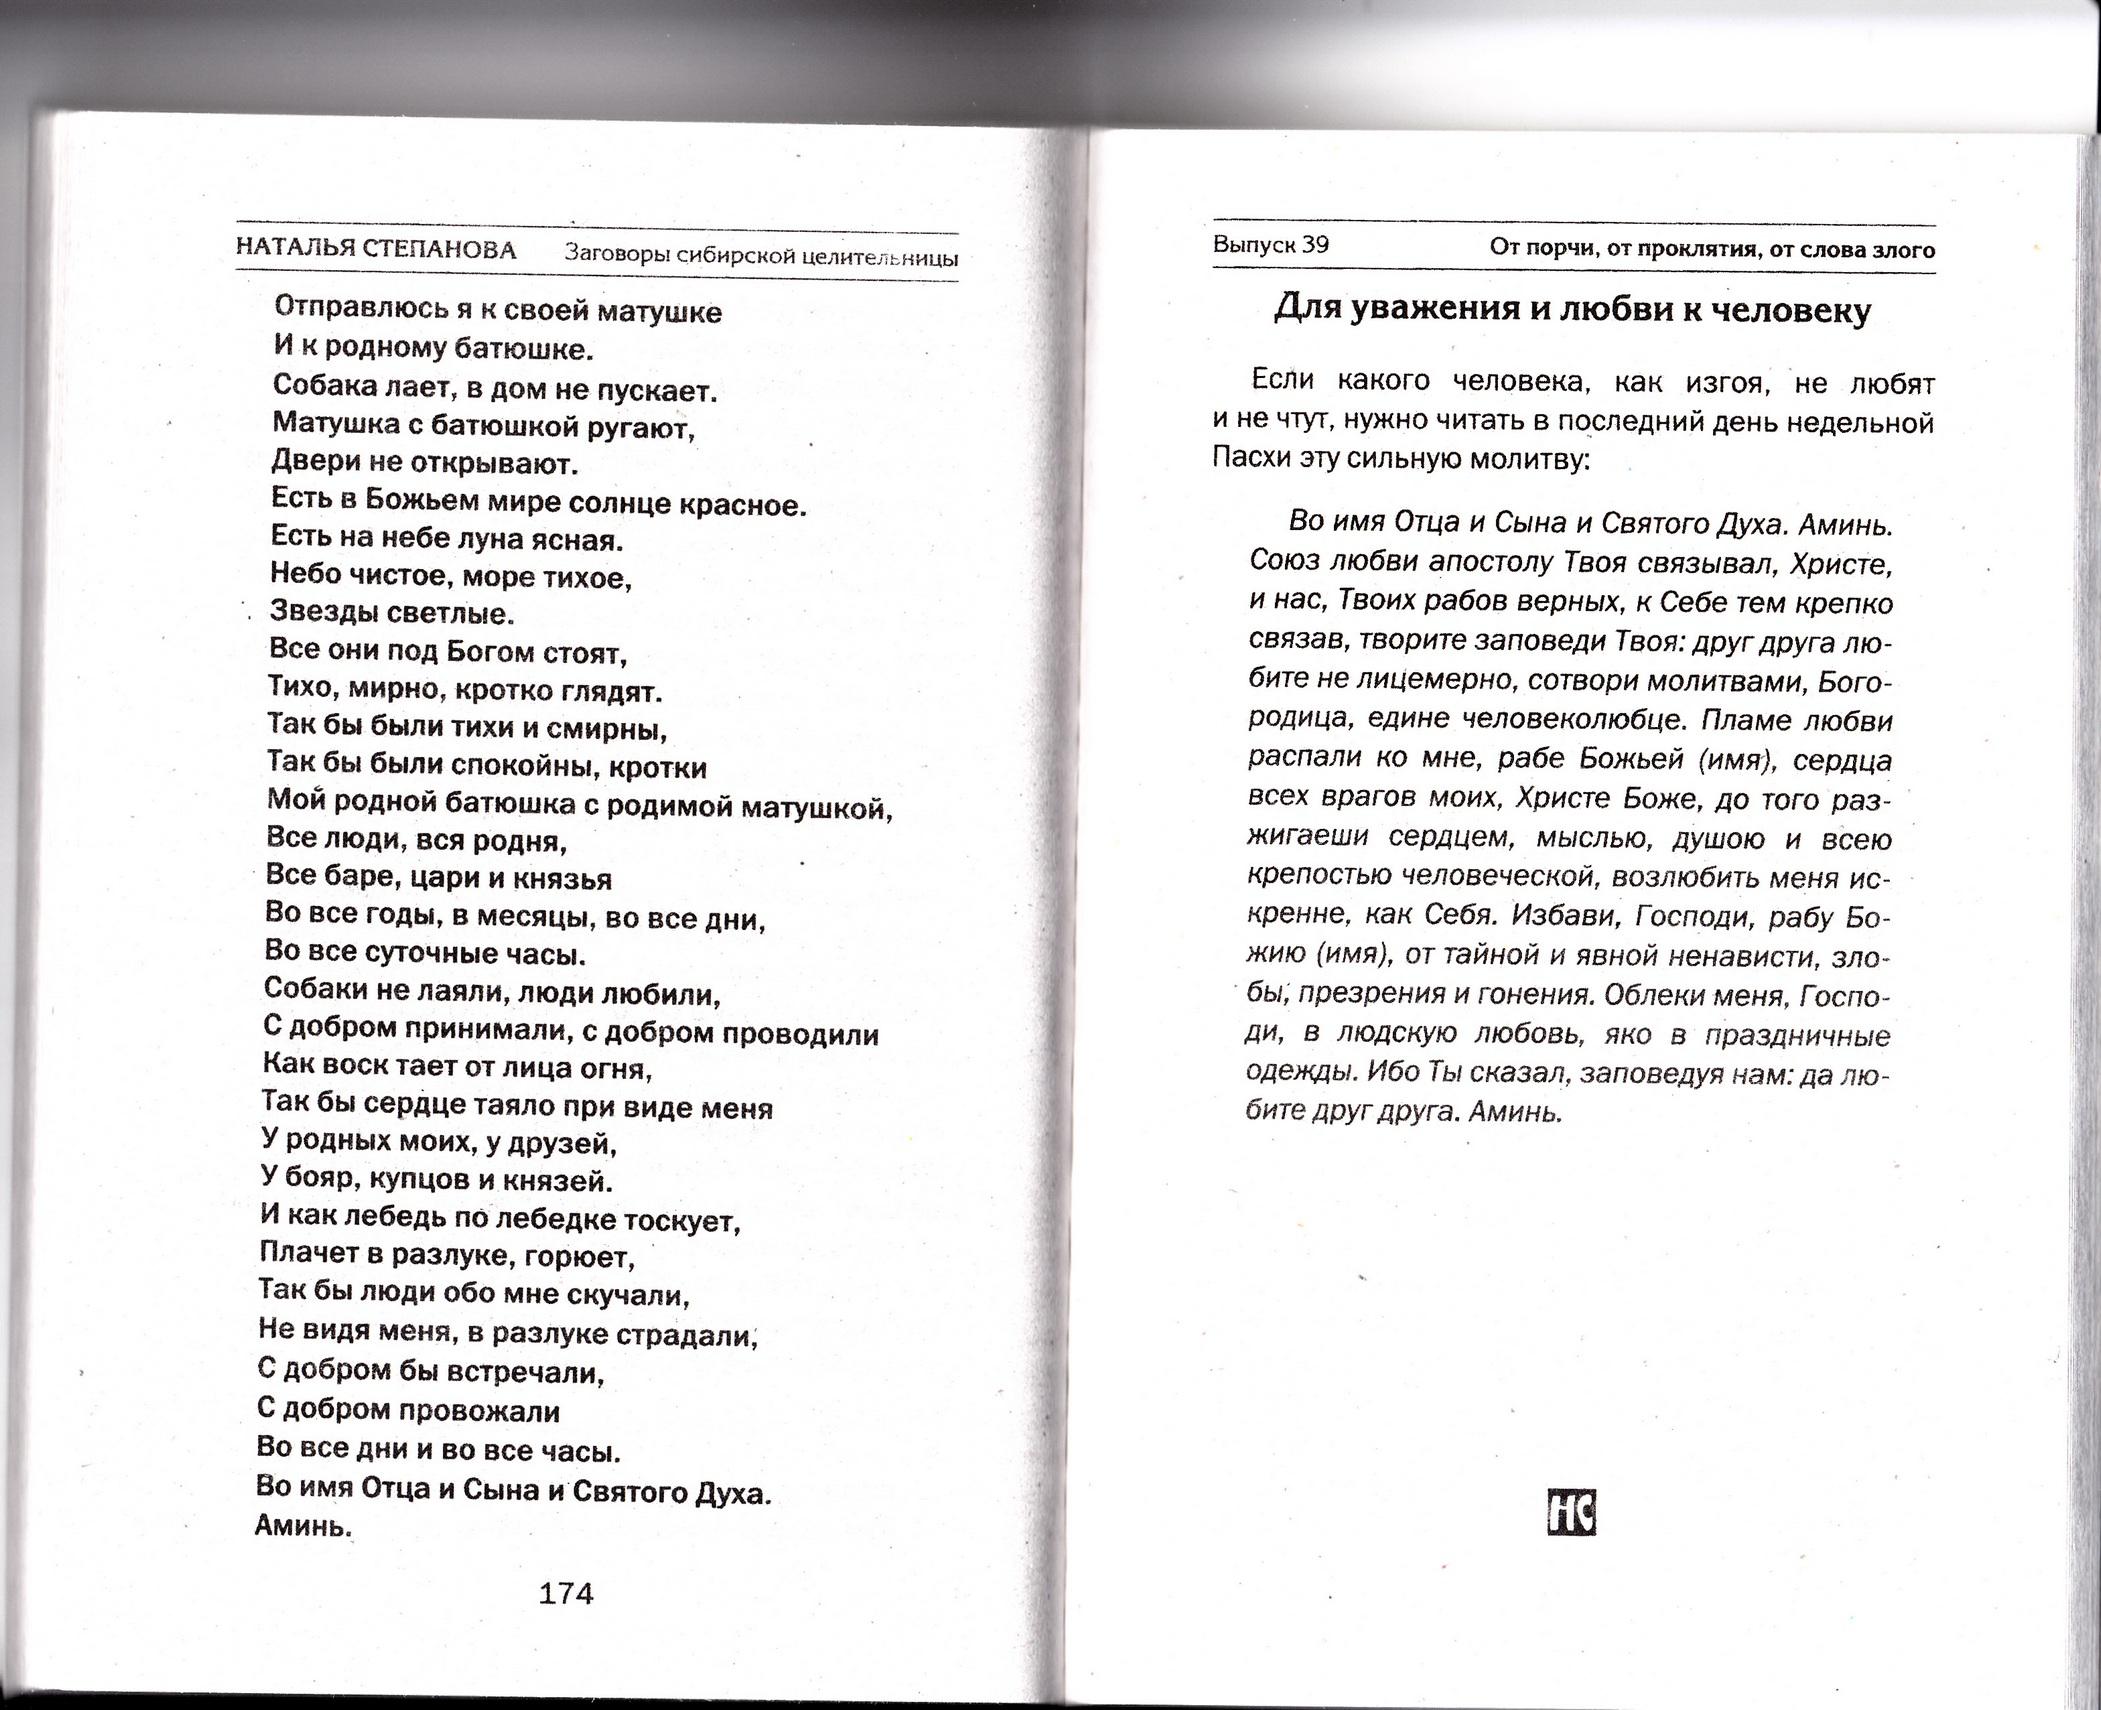 степанова наталья ивановна сибирская целительница читатьлюбовные приворот